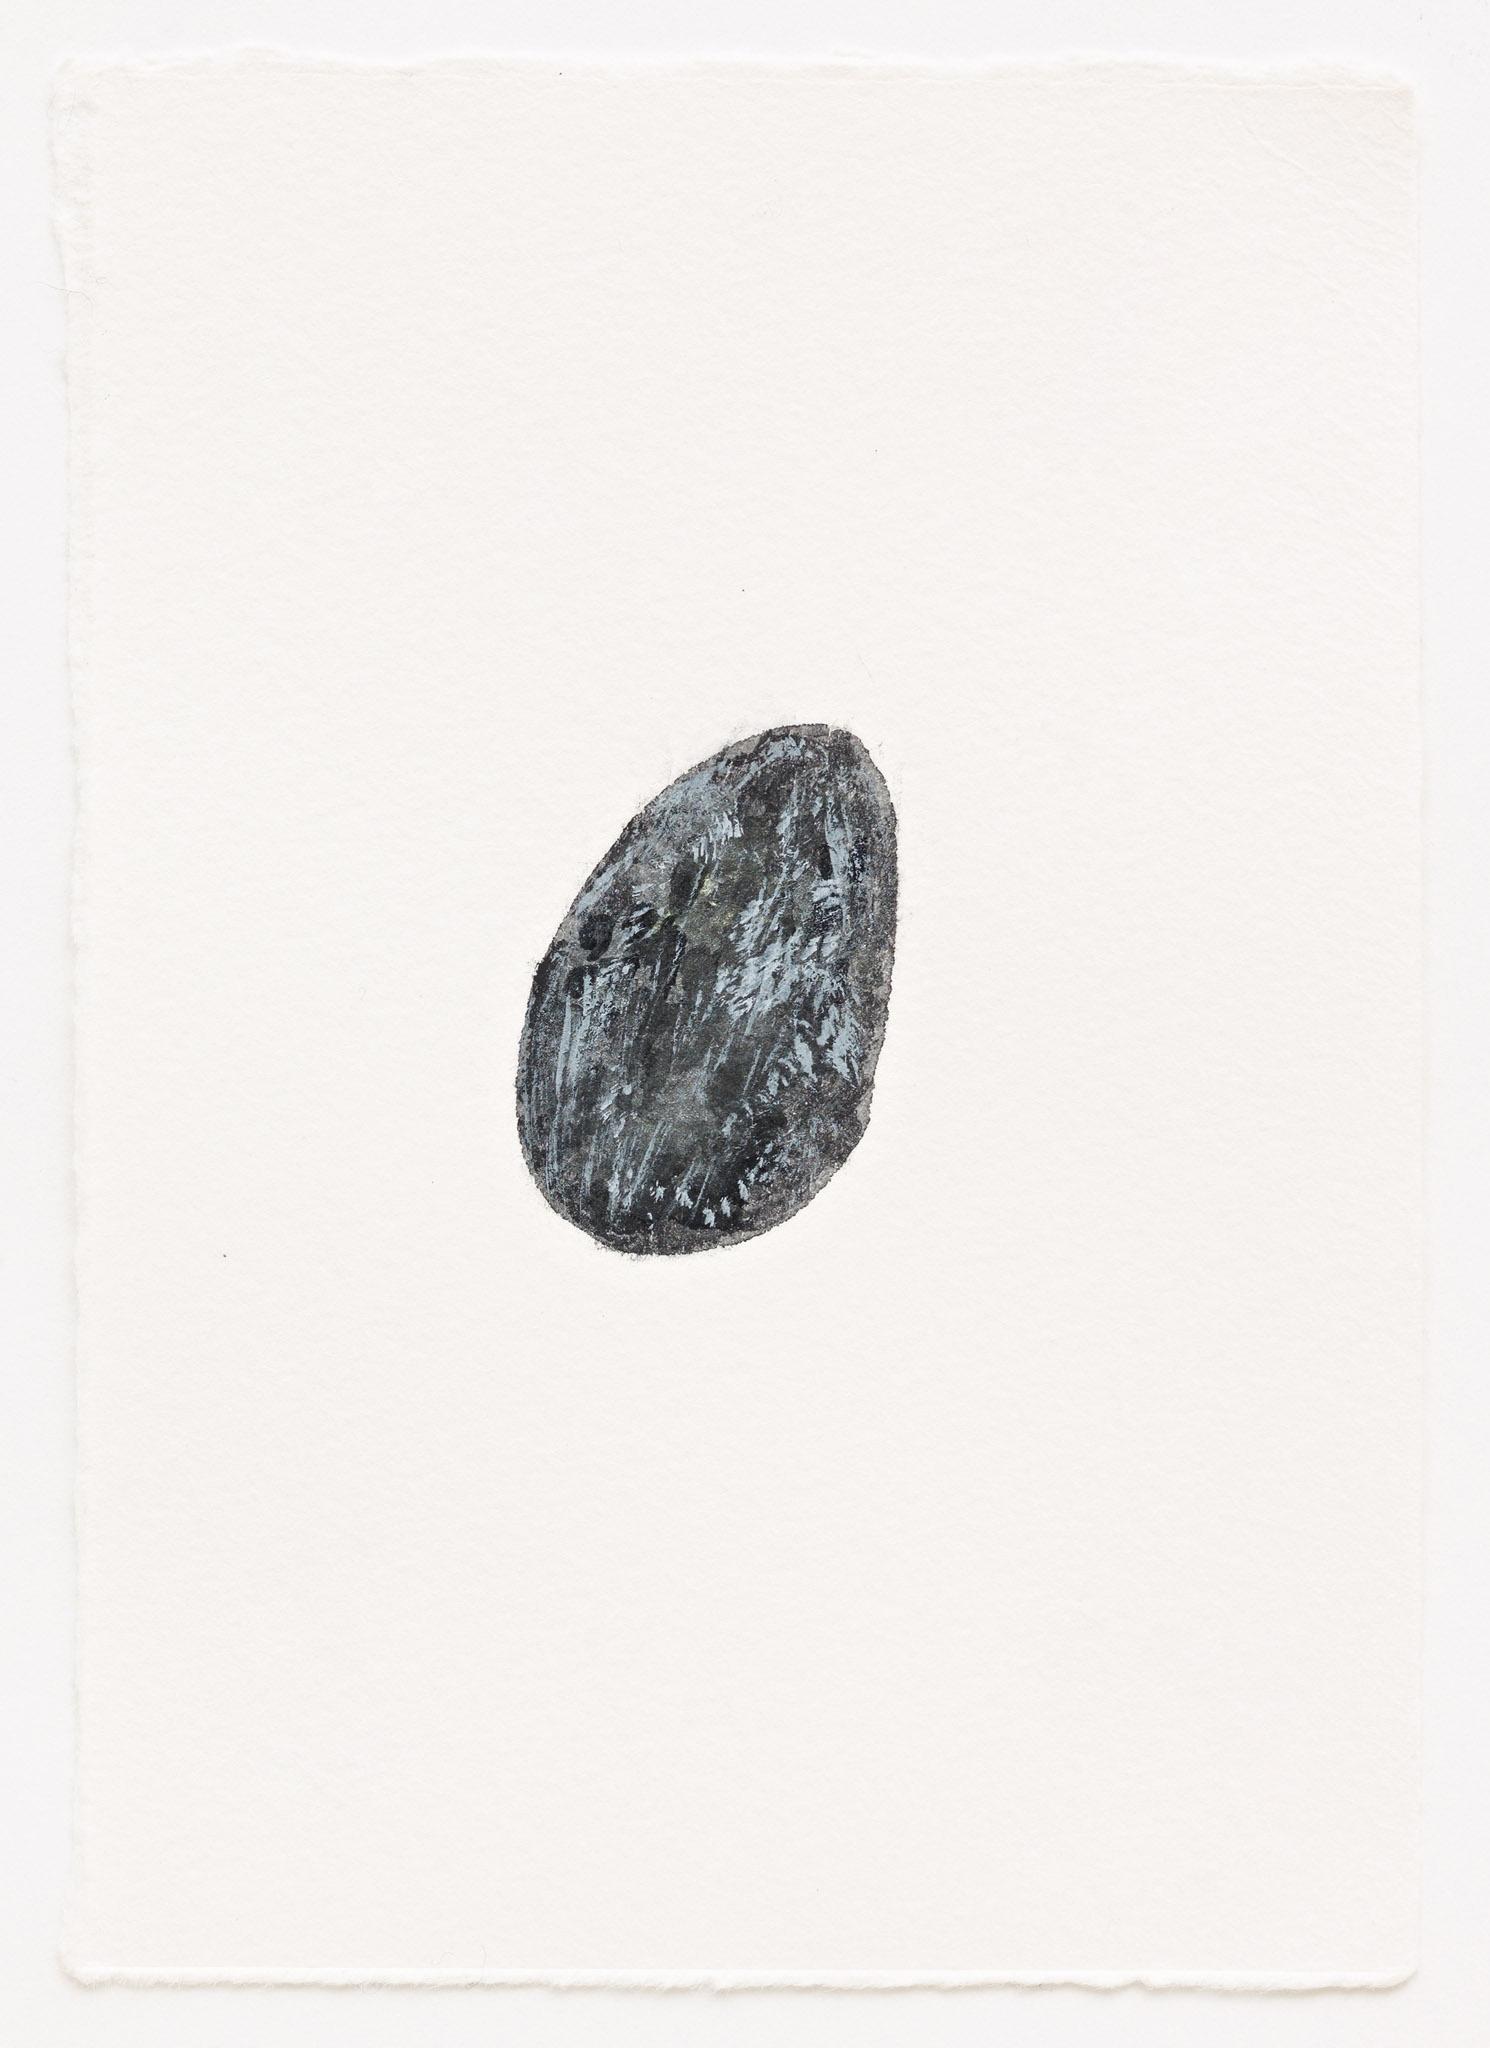 CG-Rock-14.jpg